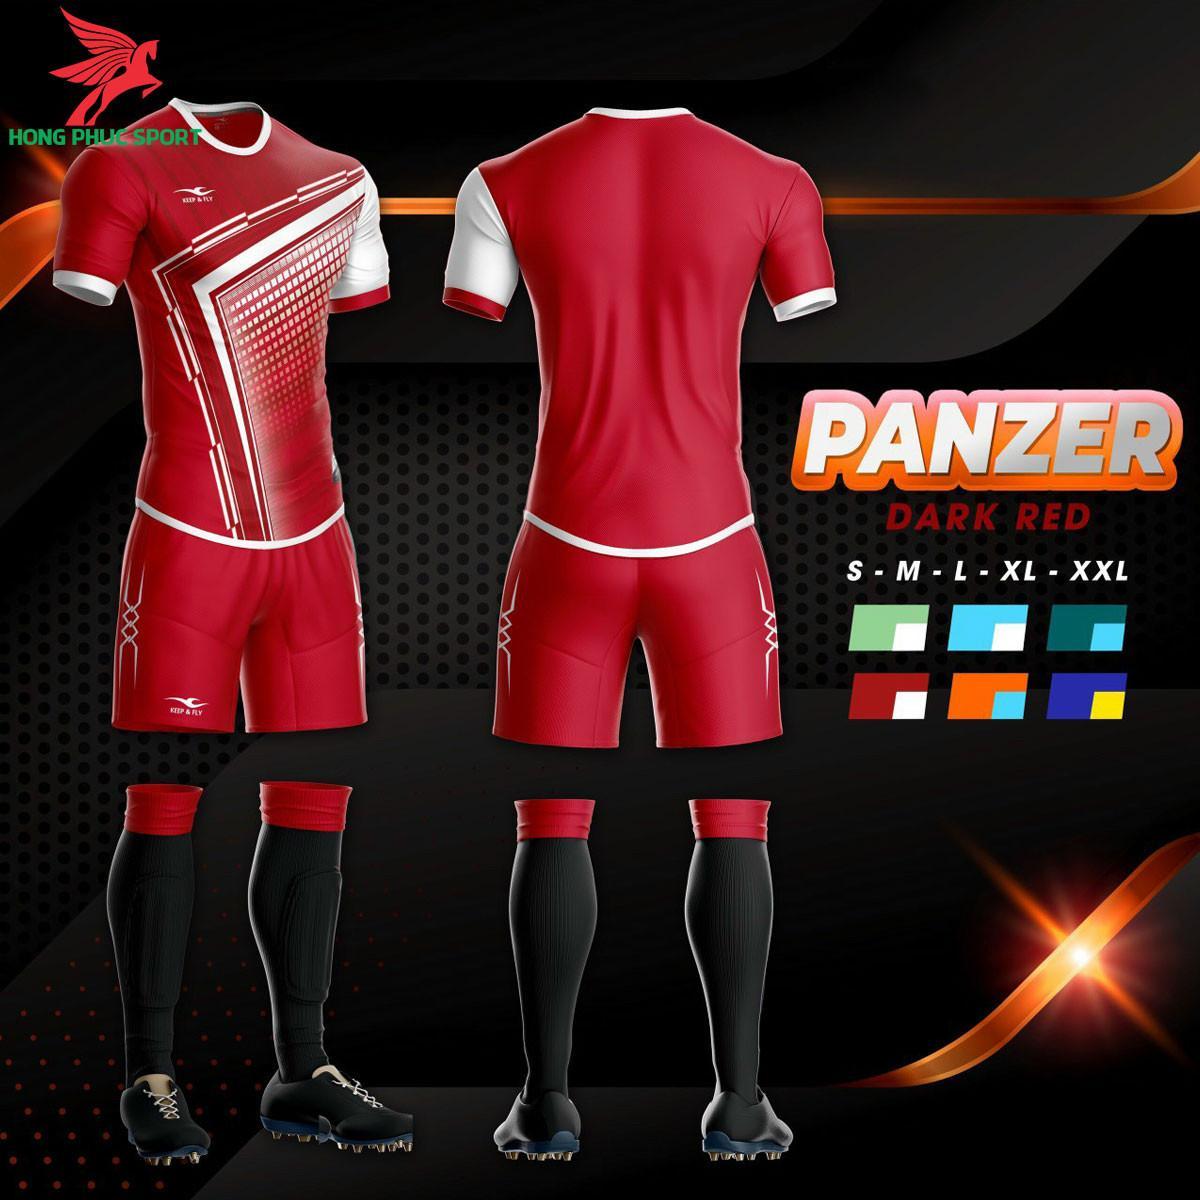 Áo đá banh không logo Keep and Fly Panzer đỏ